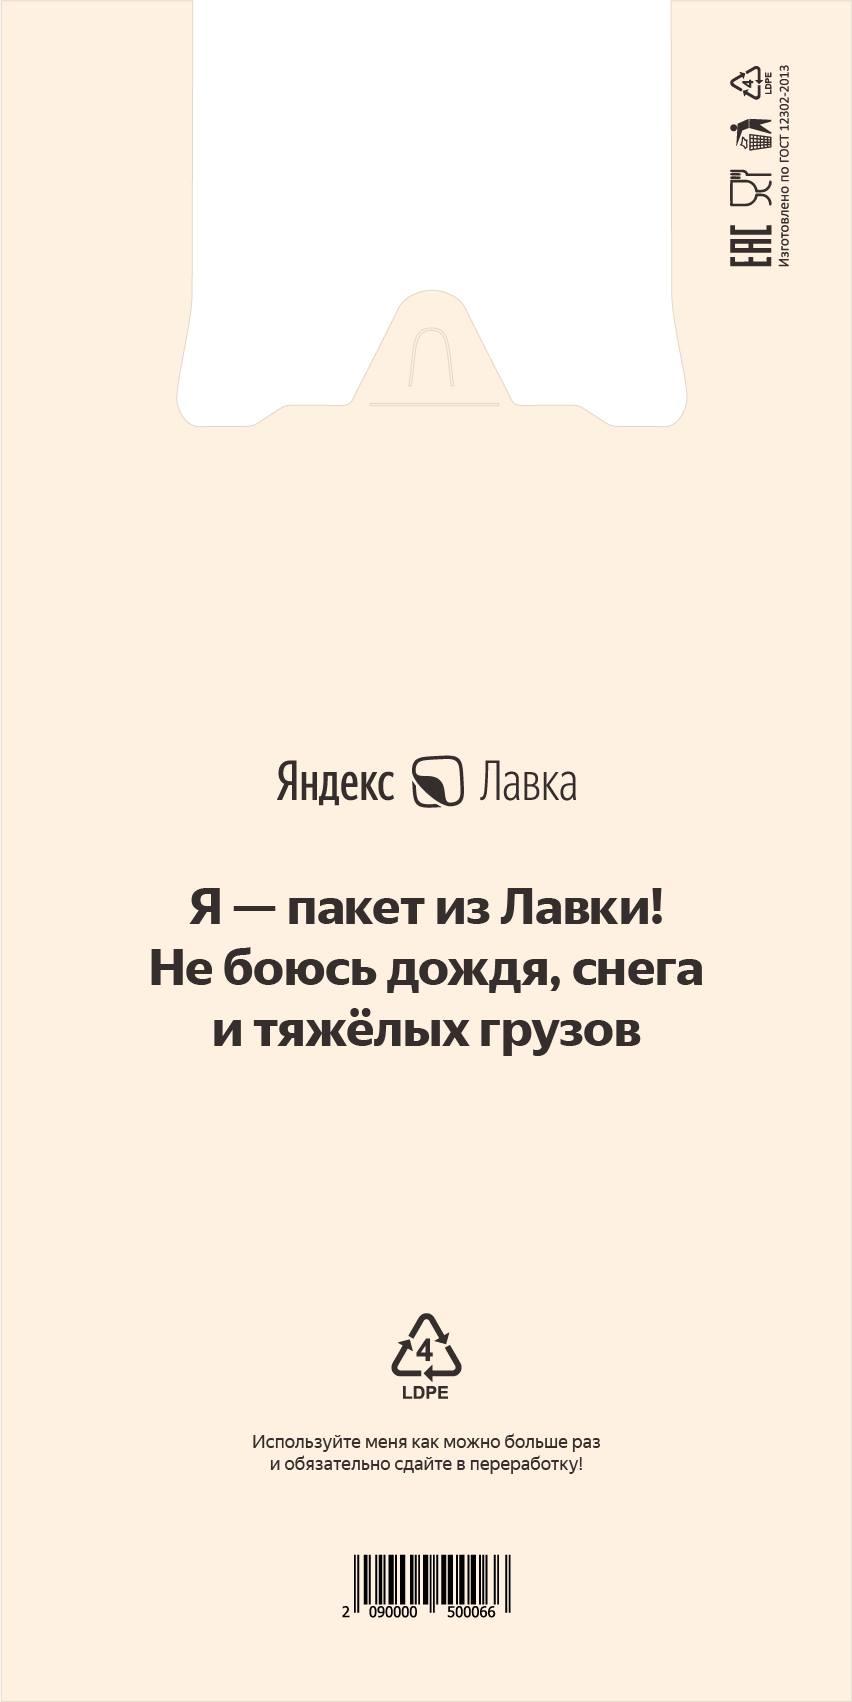 «Яндекс.Лавка» отказалась от бумажных пакетов для доставки в пользу пластика